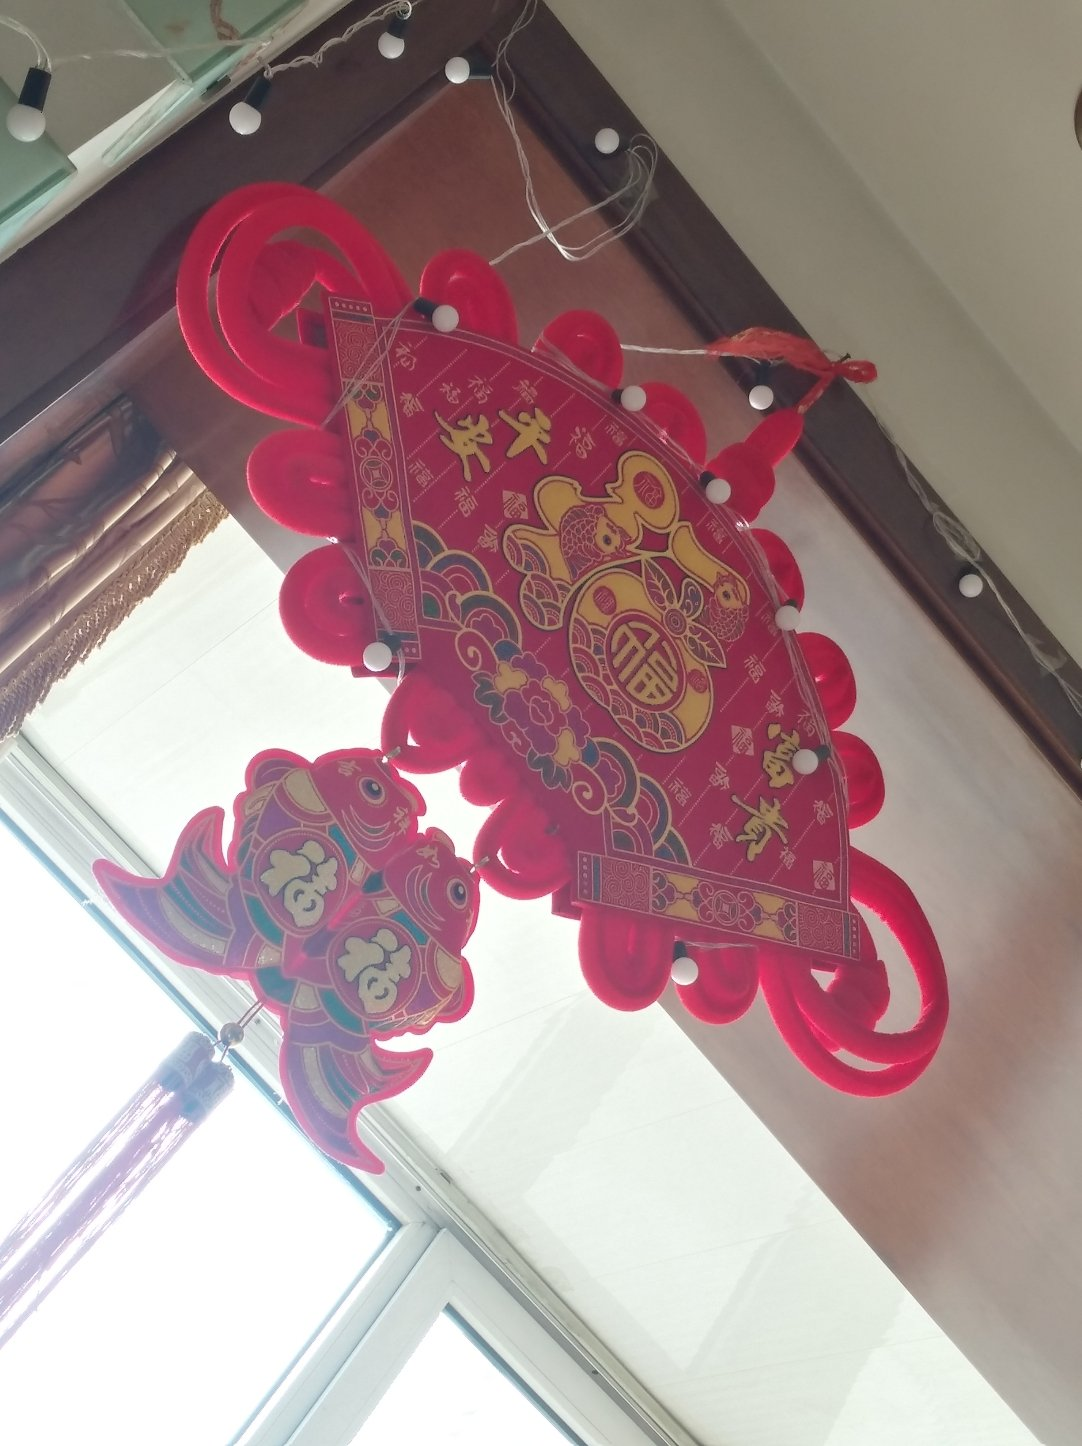 黑龙江省牡丹江市西安区西二条路靠近新概念文化培训学校天气预报